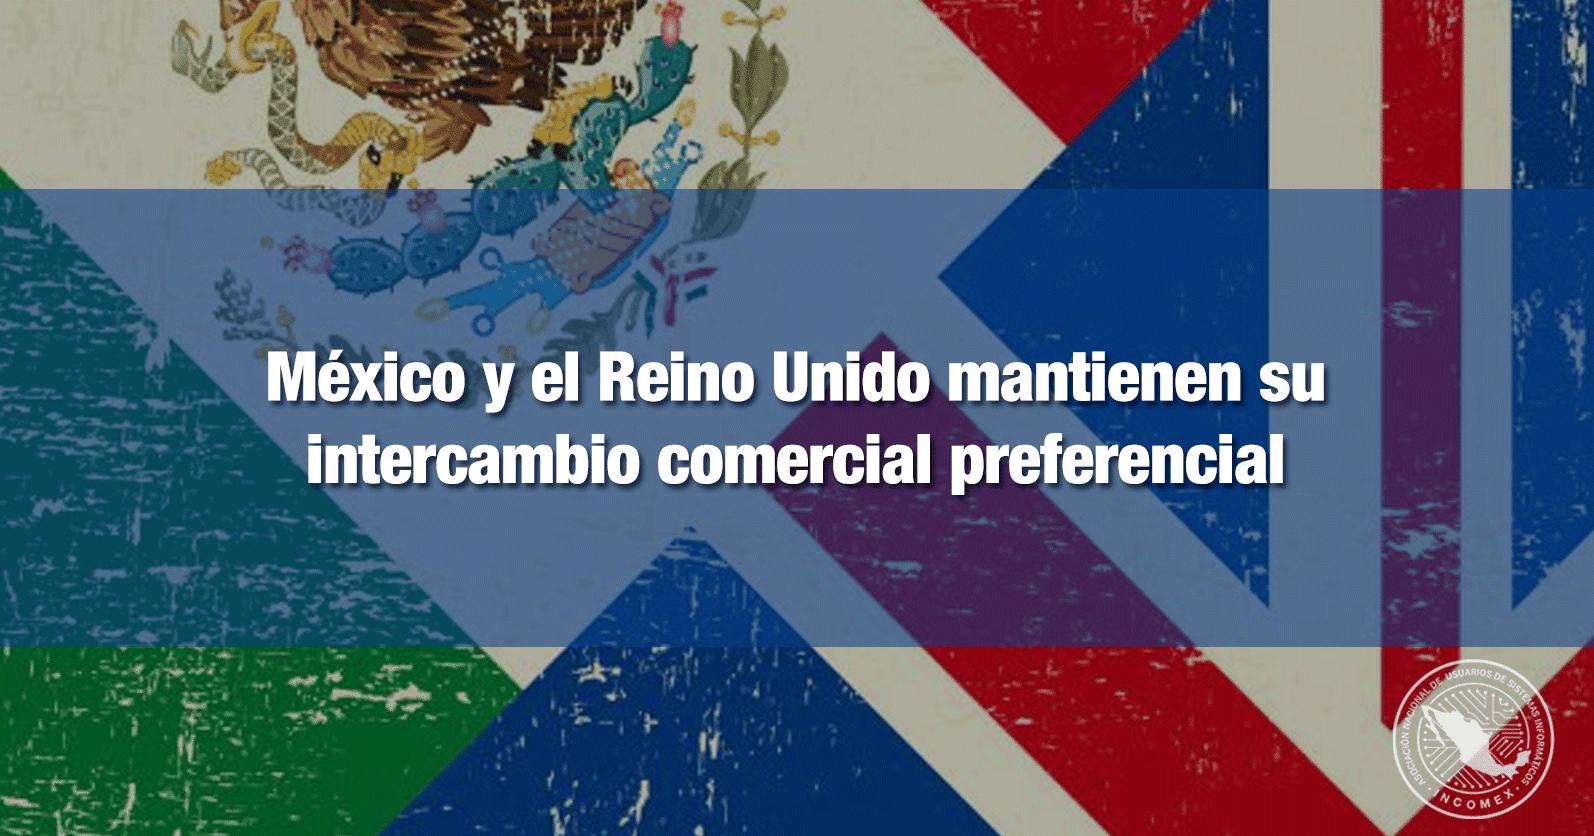 México y el Reino Unido mantienen su intercambio comercial preferencial